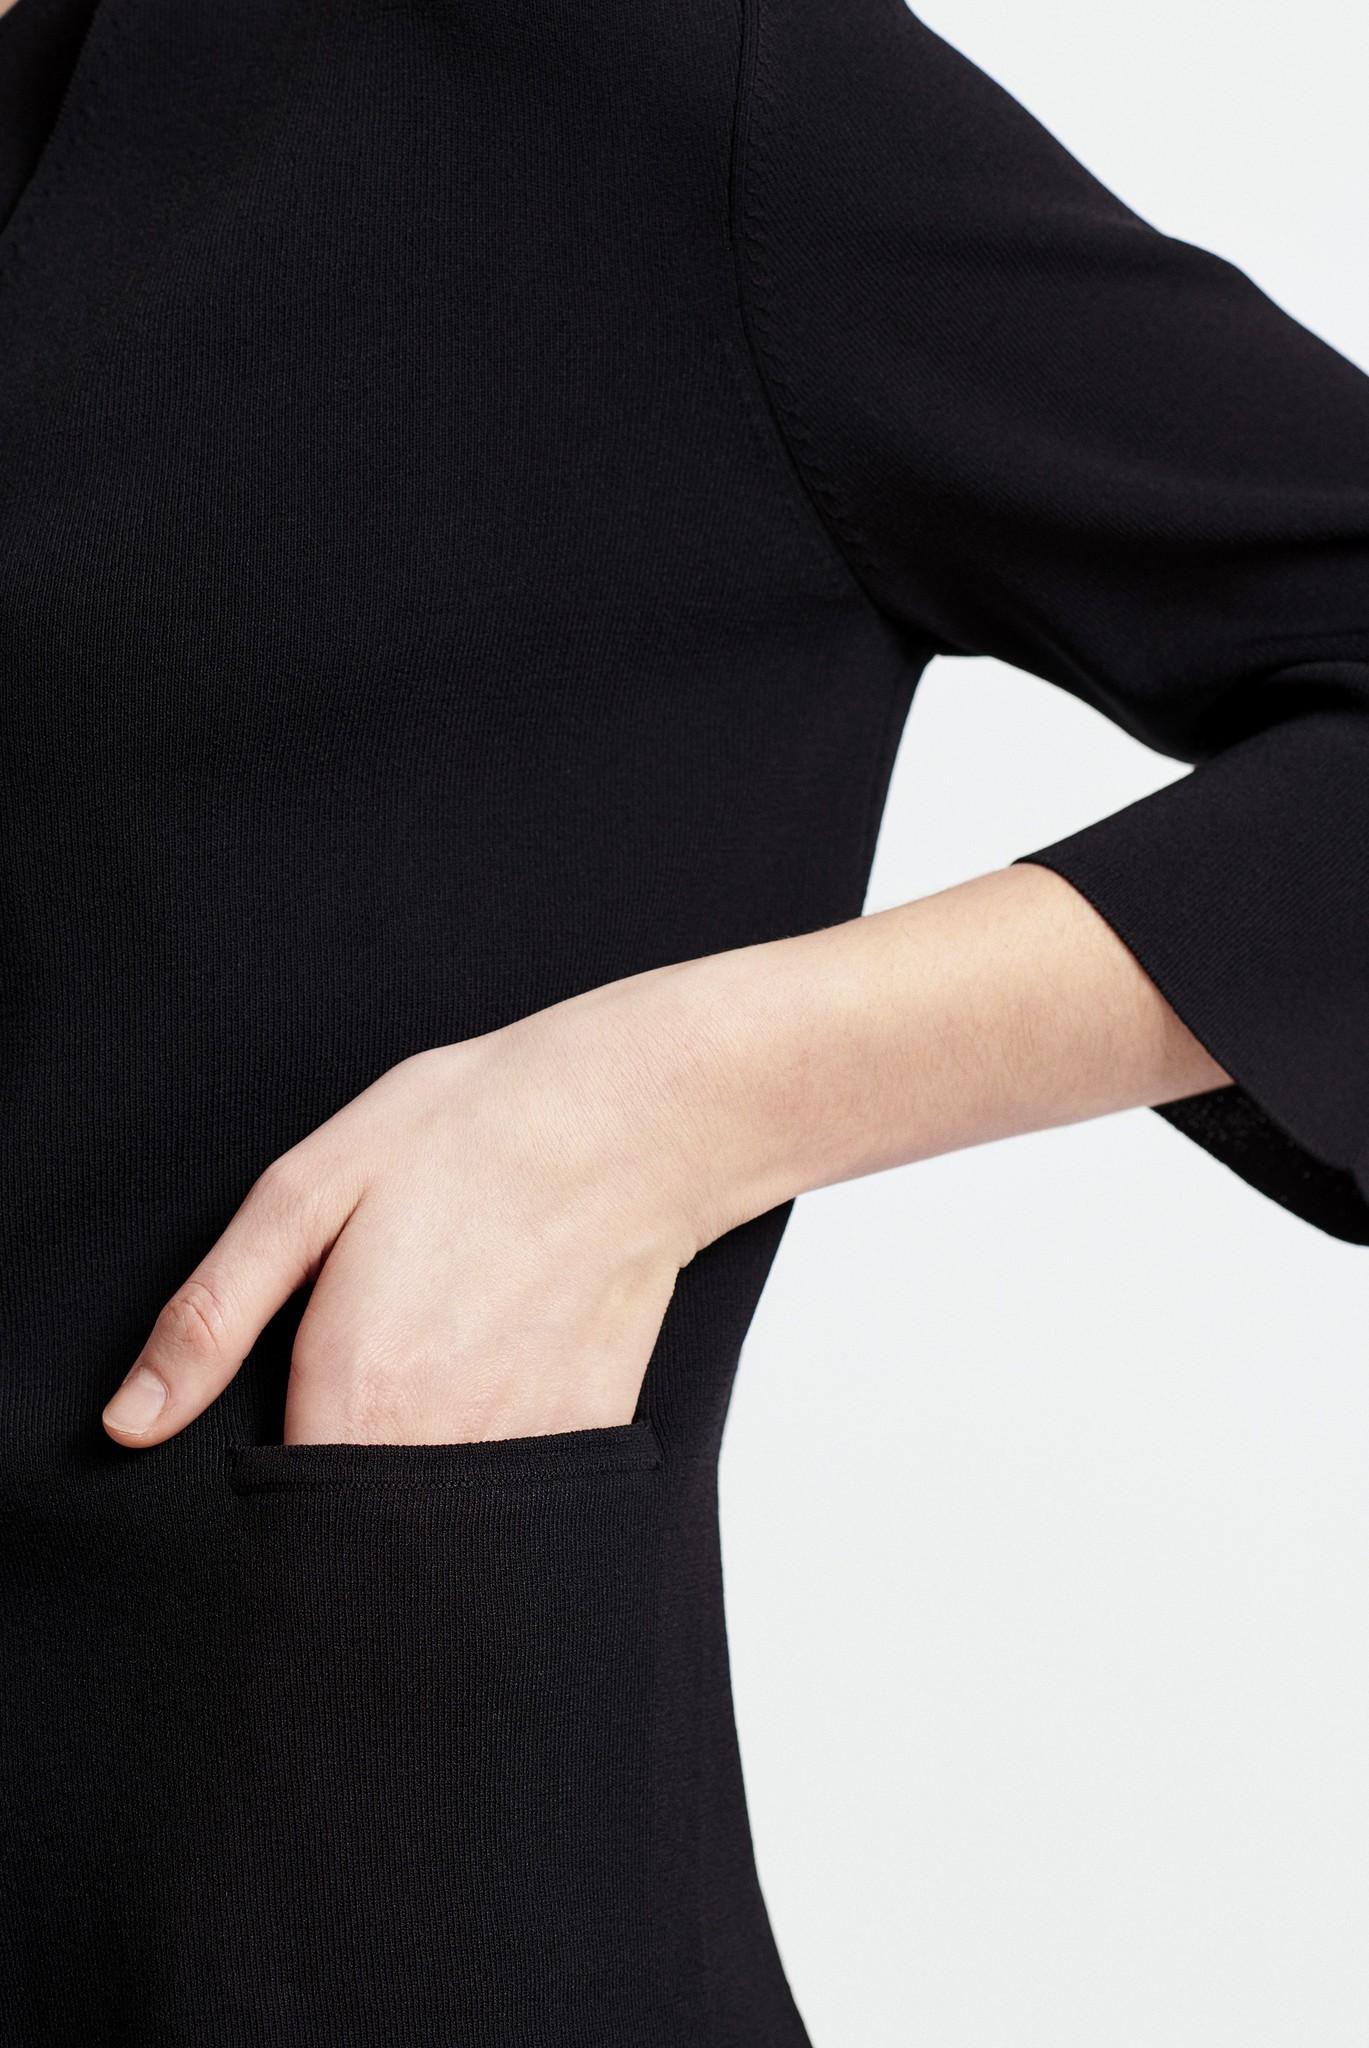 ELSA - Кардиган легкий из плотной ткани